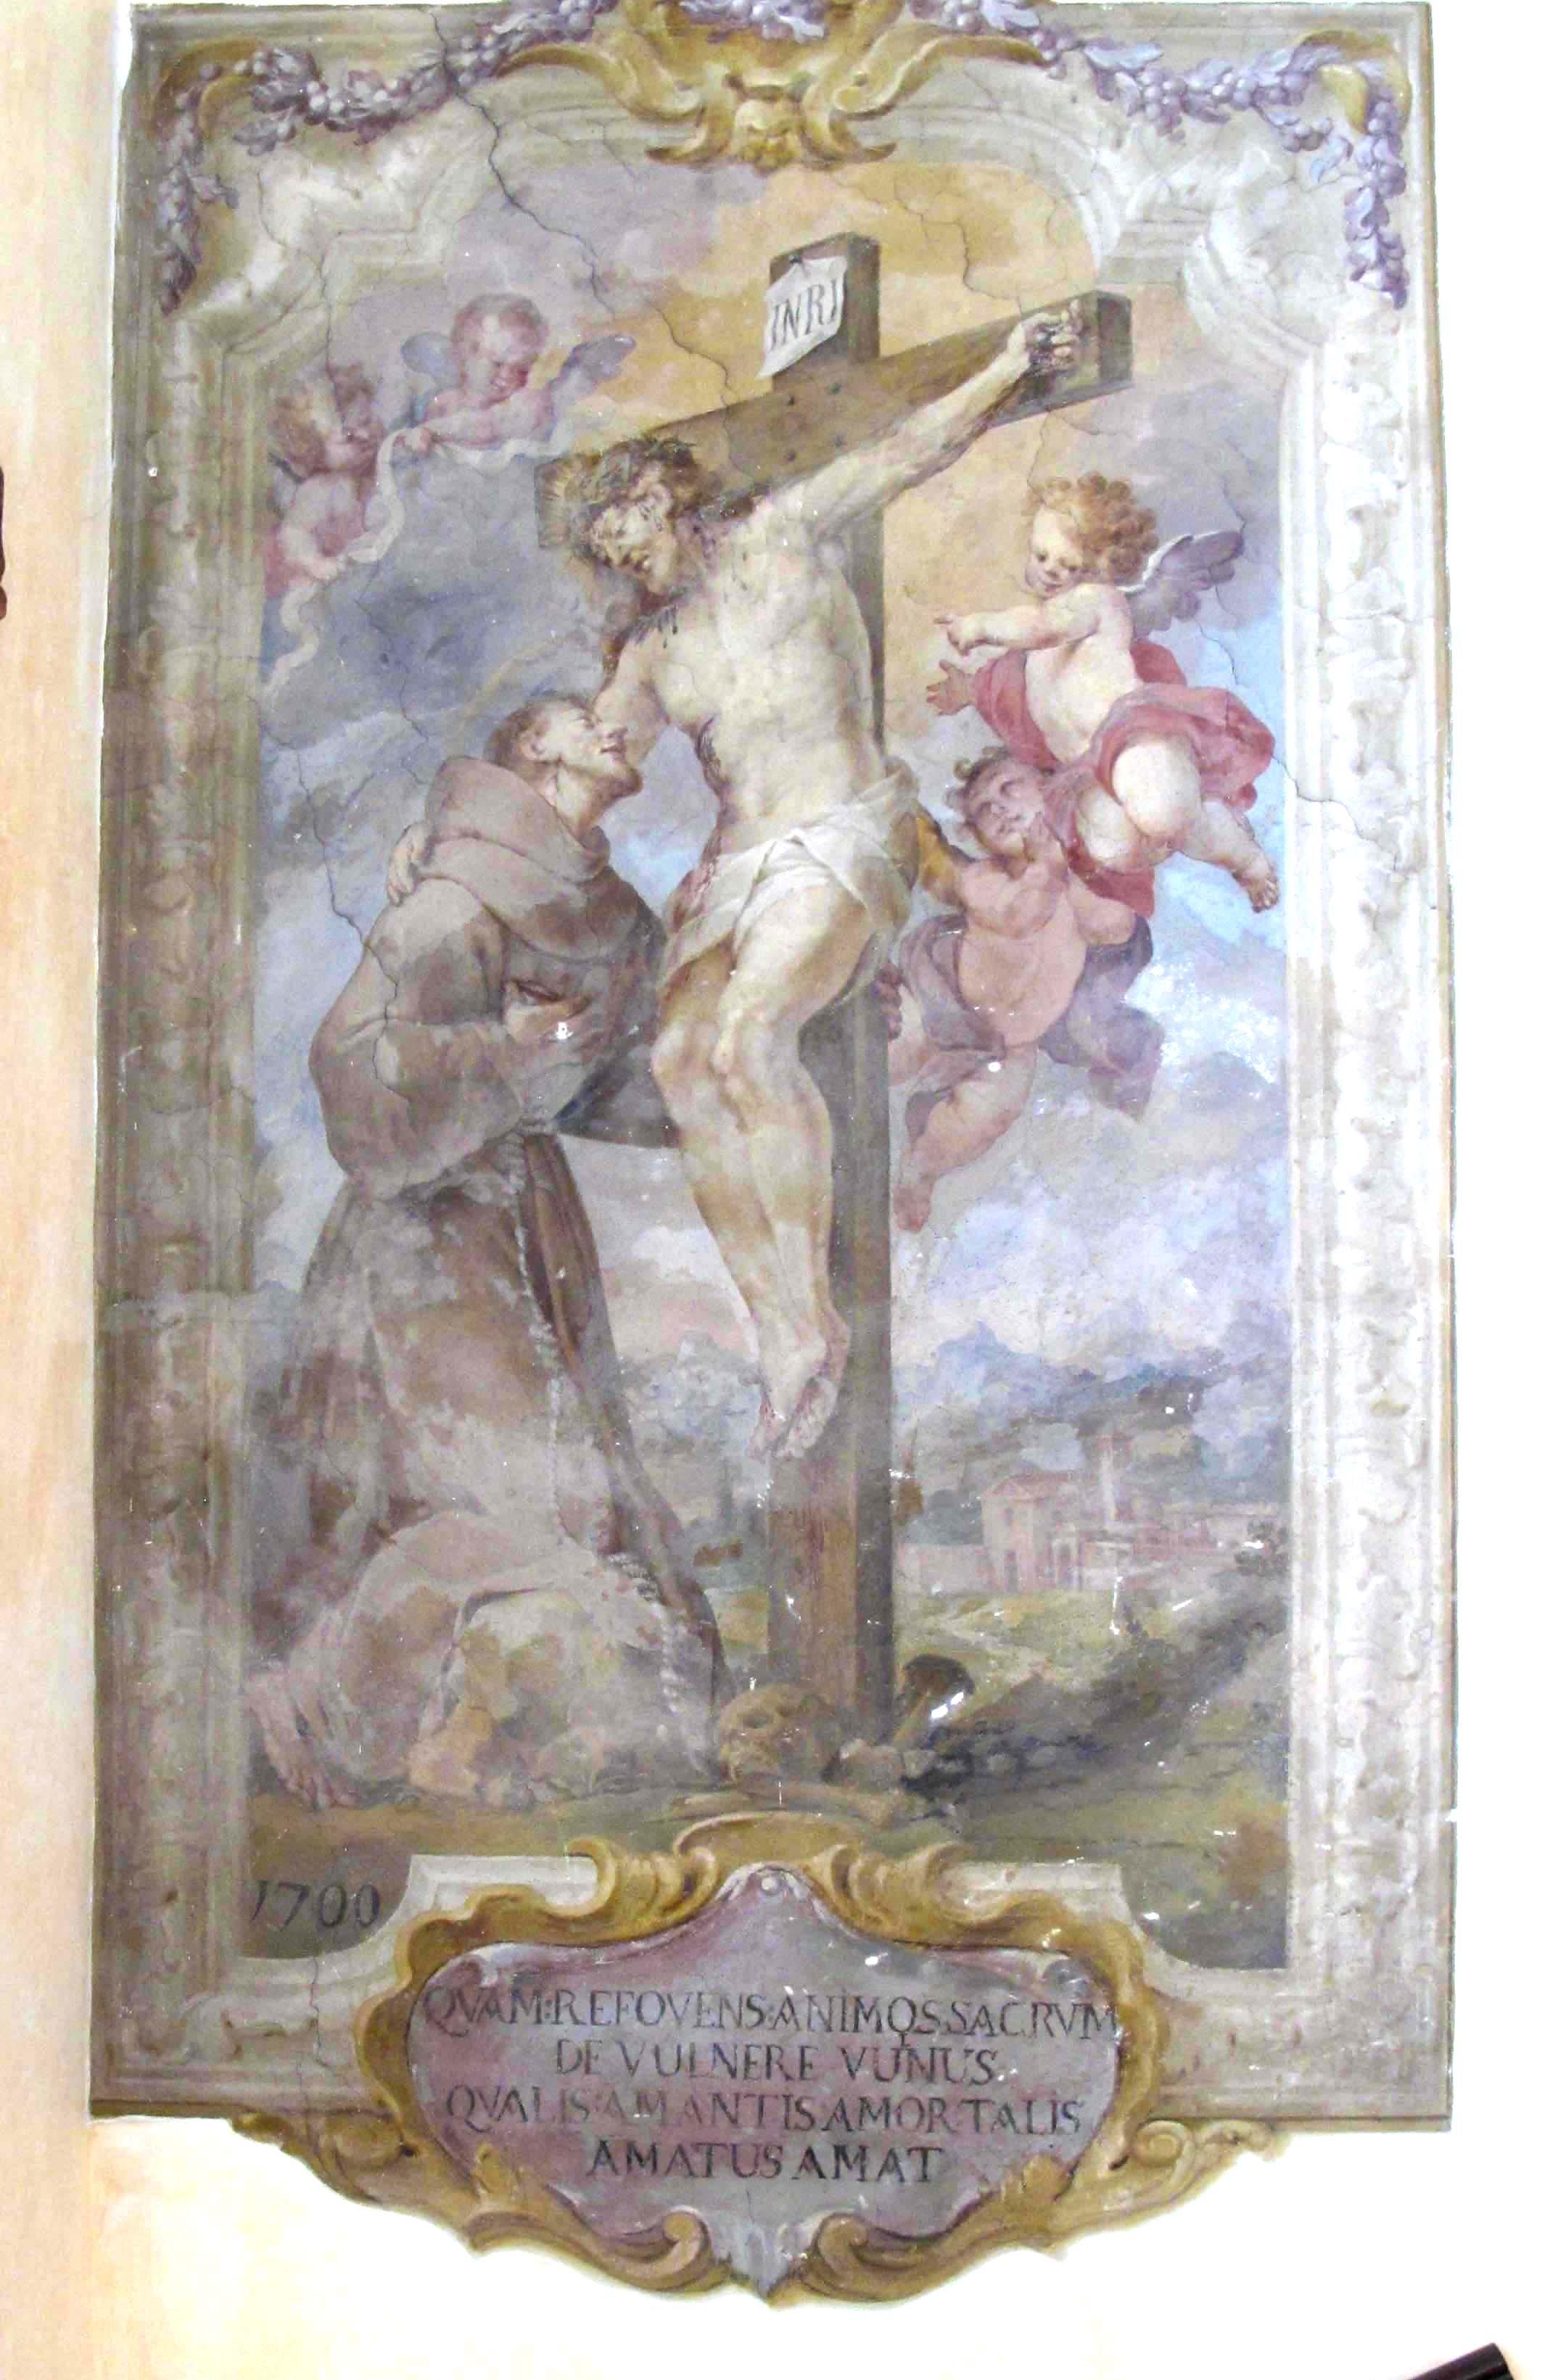 ANONIMO, Il Crocifisso e San Francesco (1700)